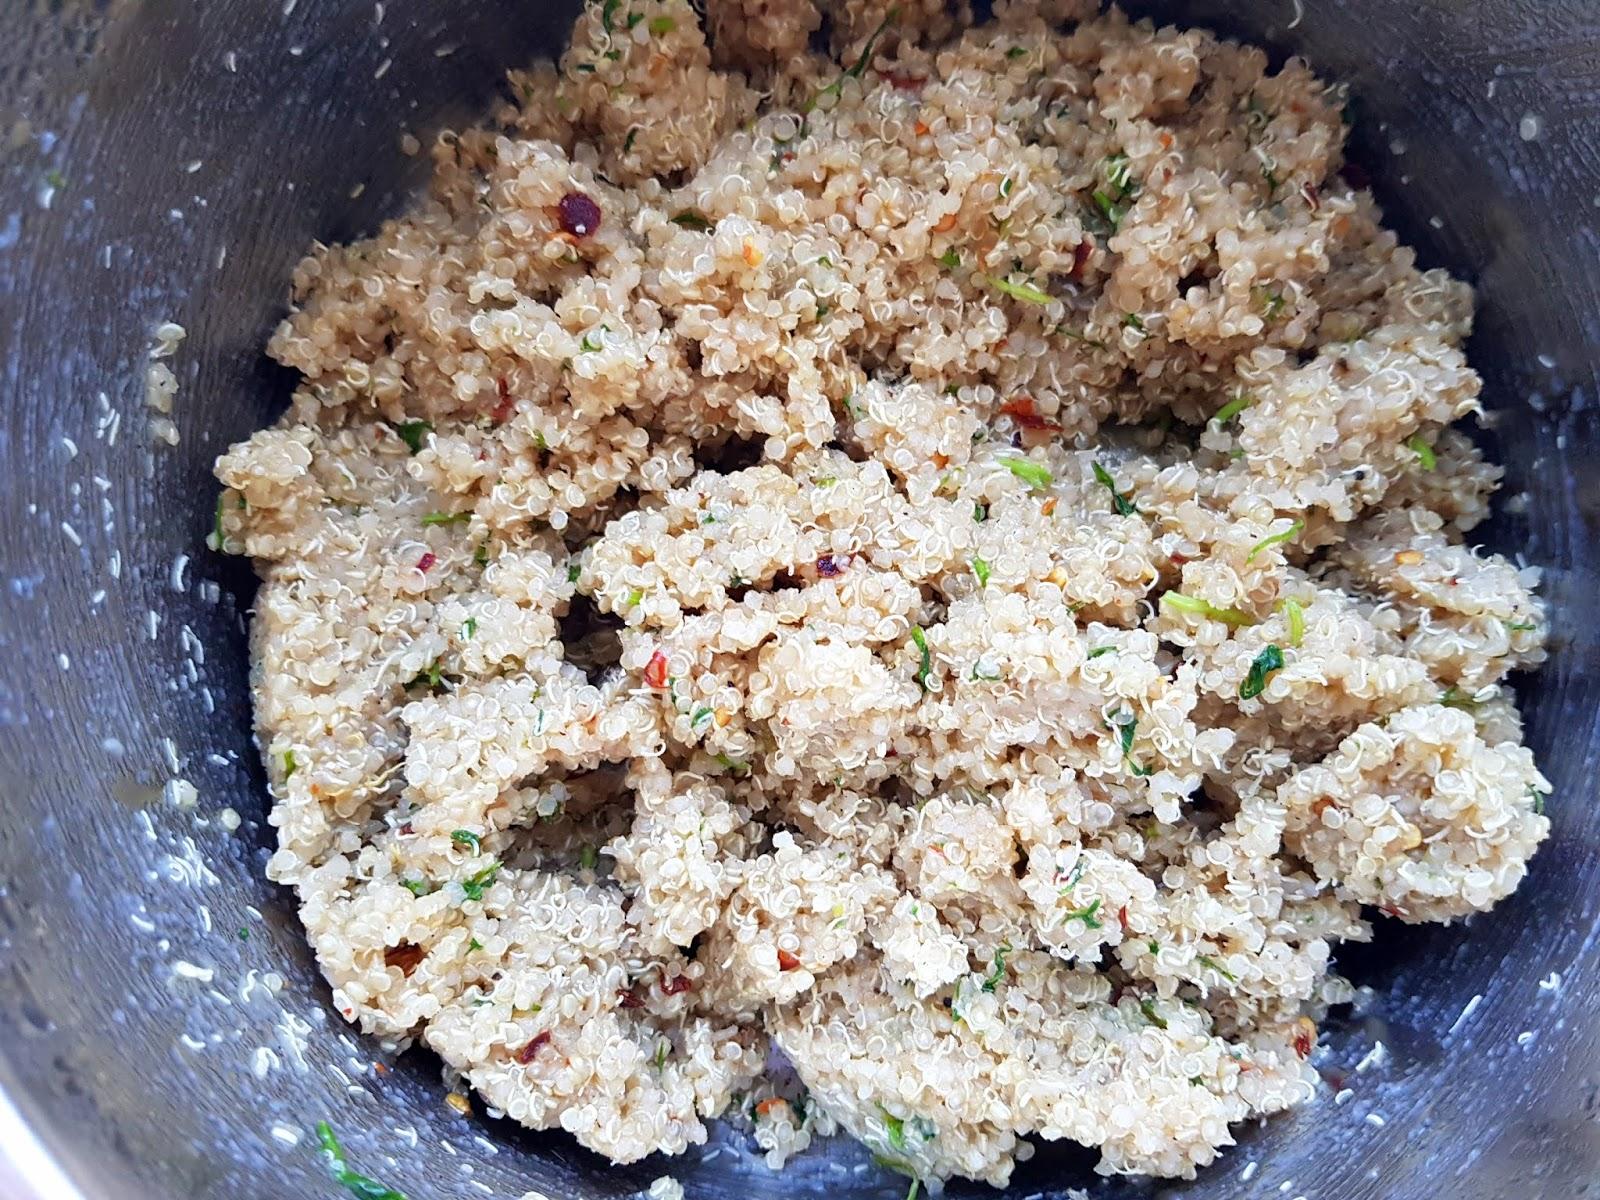 Vegan quinoa cutlet recipe - high protein vegan lunch recipe